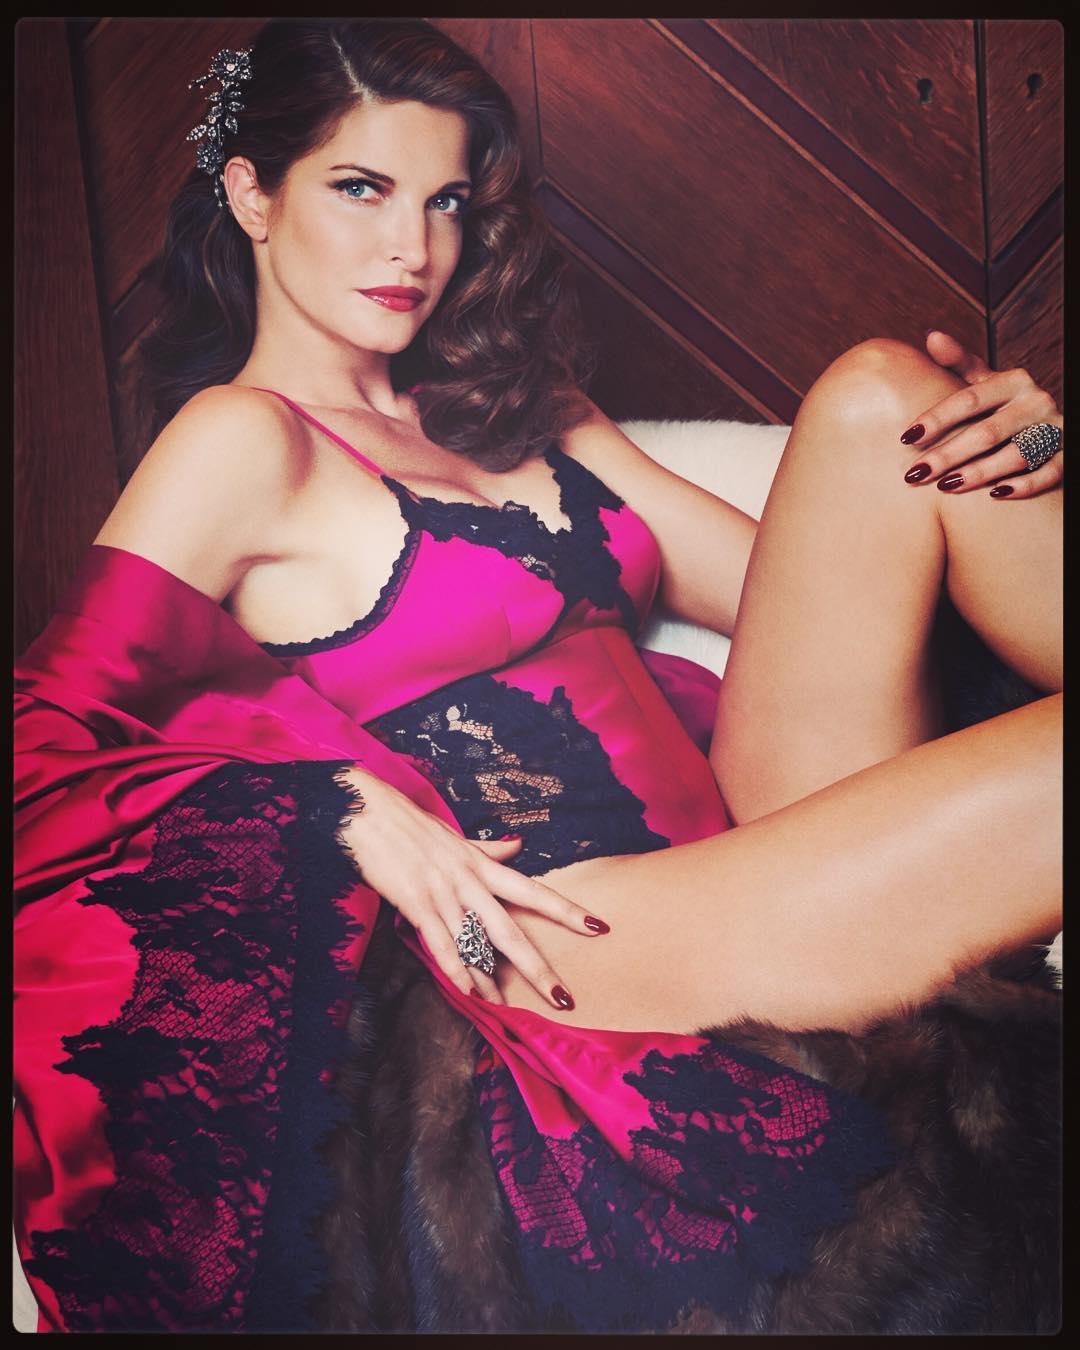 Vợ tỷ phú giày dép tuổi ngũ tuần vẫn tự tin nude trên bìa tạp chí - hình ảnh 5